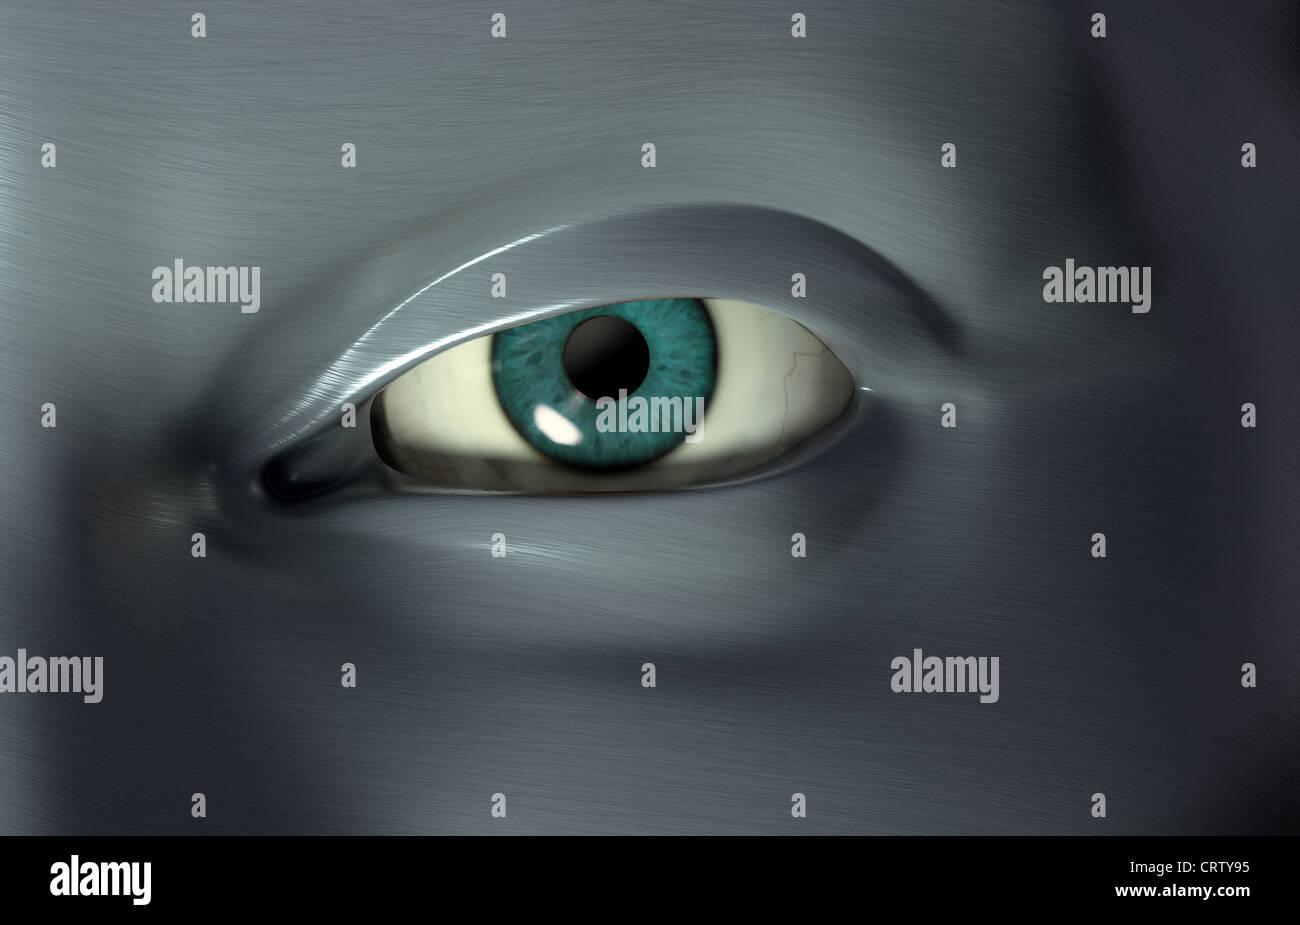 Representación 3D de un ojo de cerca Imagen De Stock